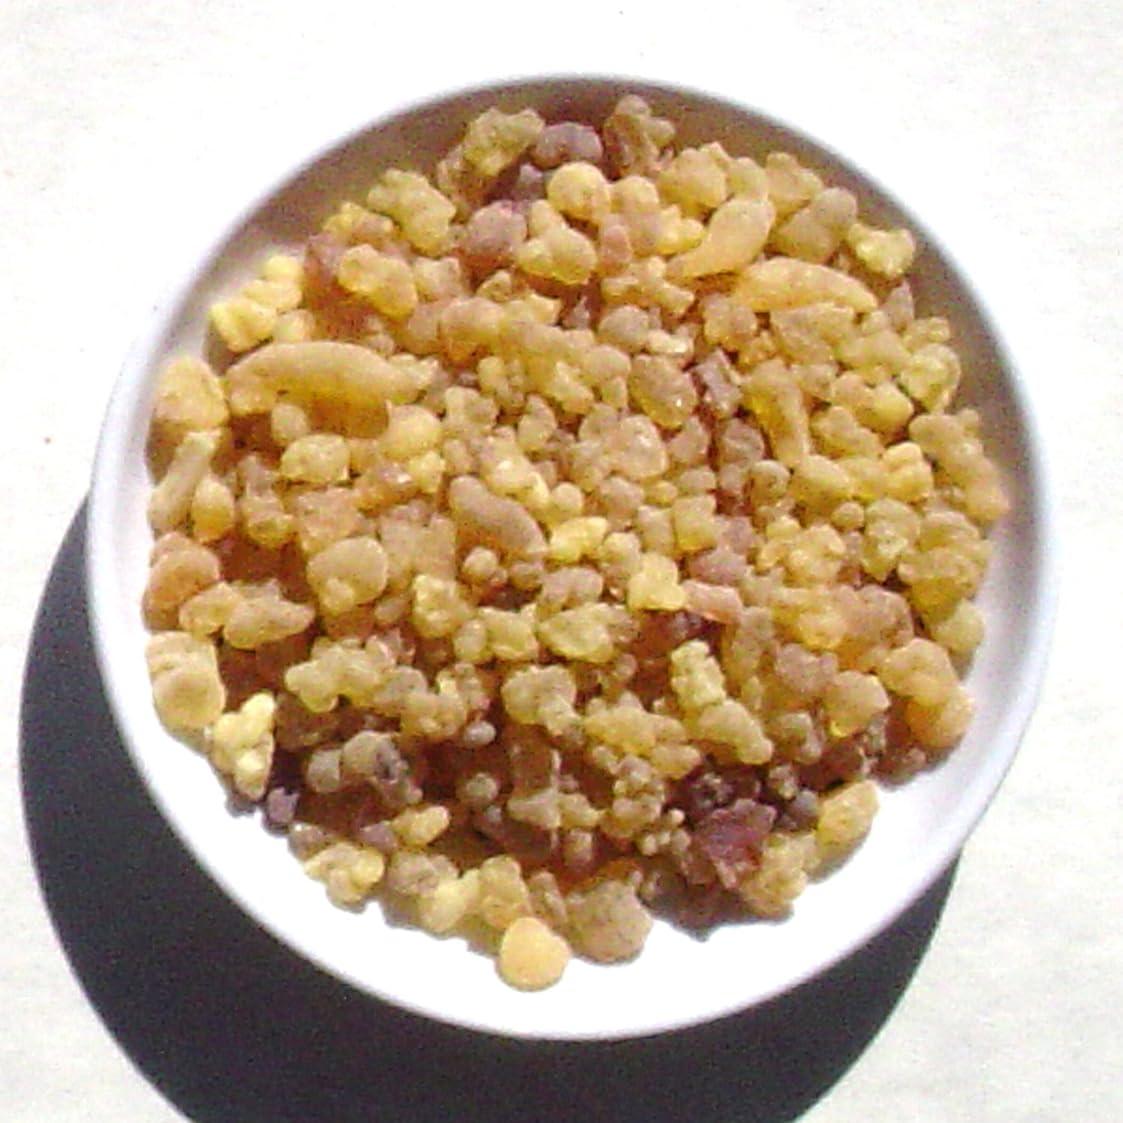 介入するコンパニオン洞察力のあるArabian Frankincense?–?1ポンド?–?Traditional Incense (樹脂)バルク